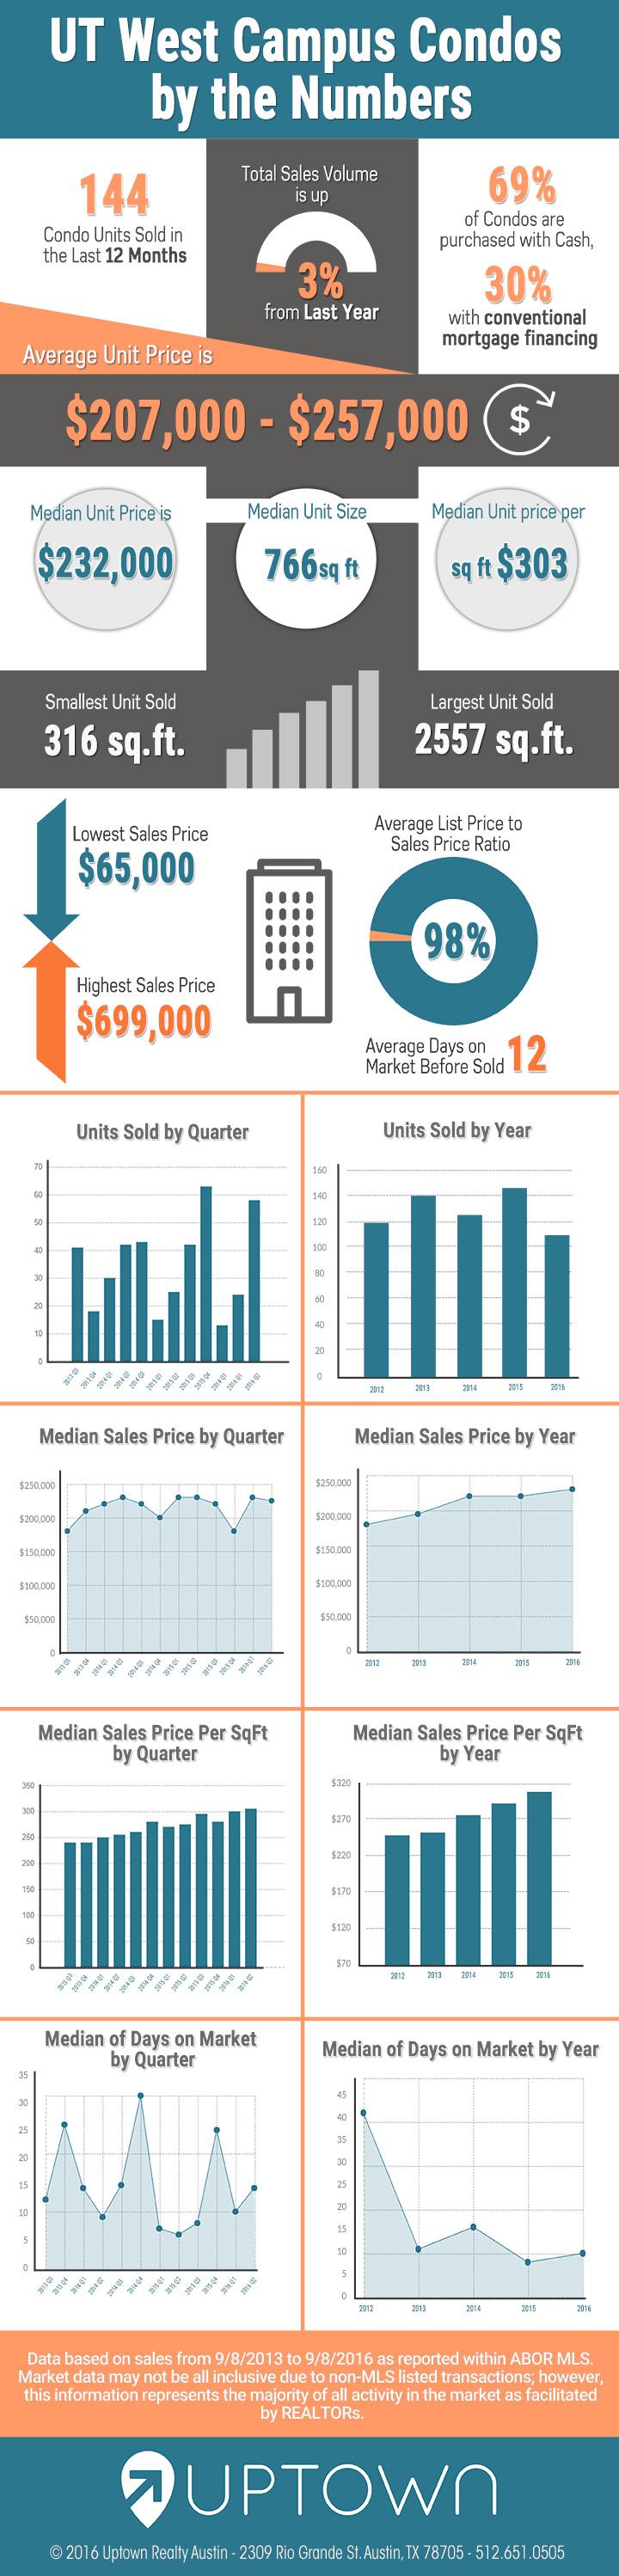 UT West Campus Condo Sales Numbers